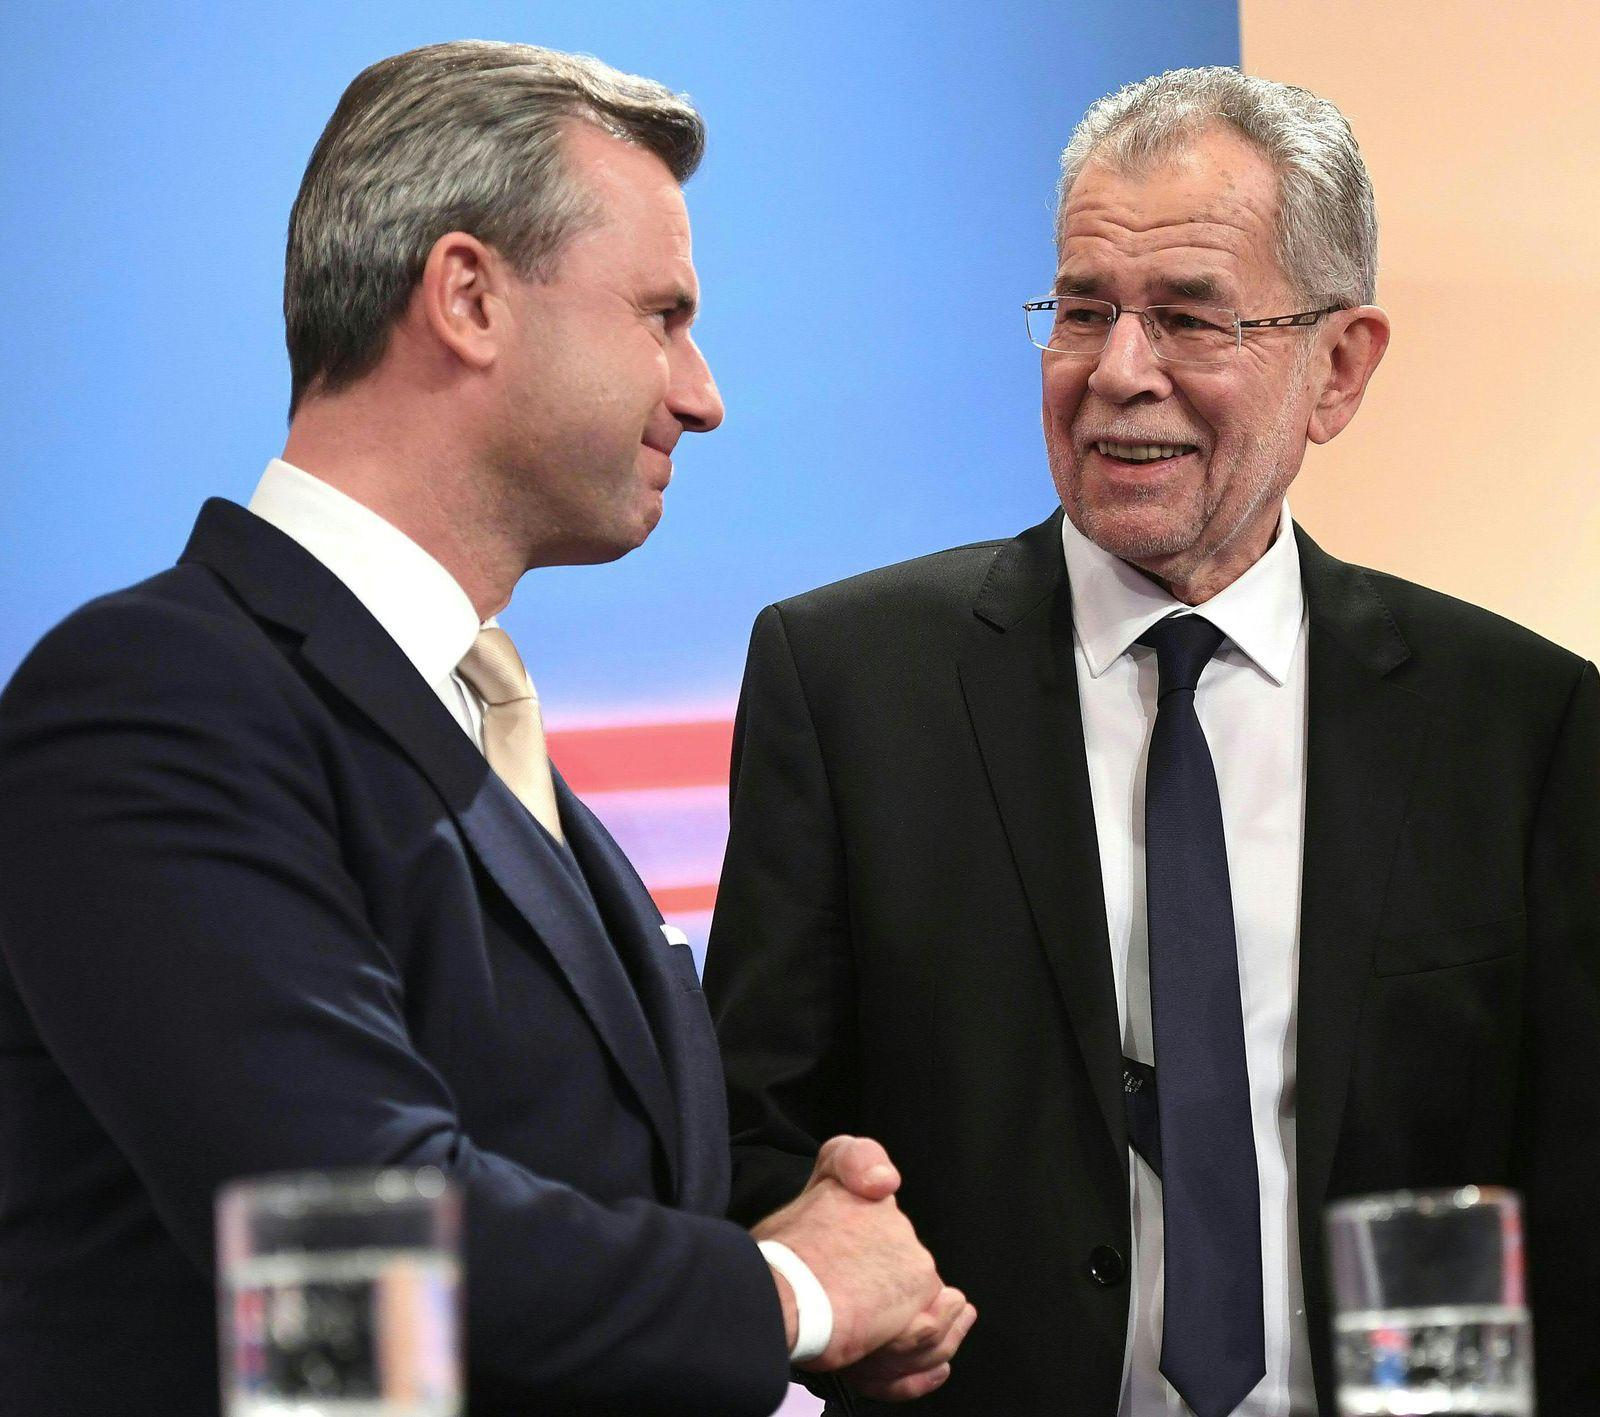 Österreich/ Wahl/ Norbert Hofer/ Alexander van der Bellen